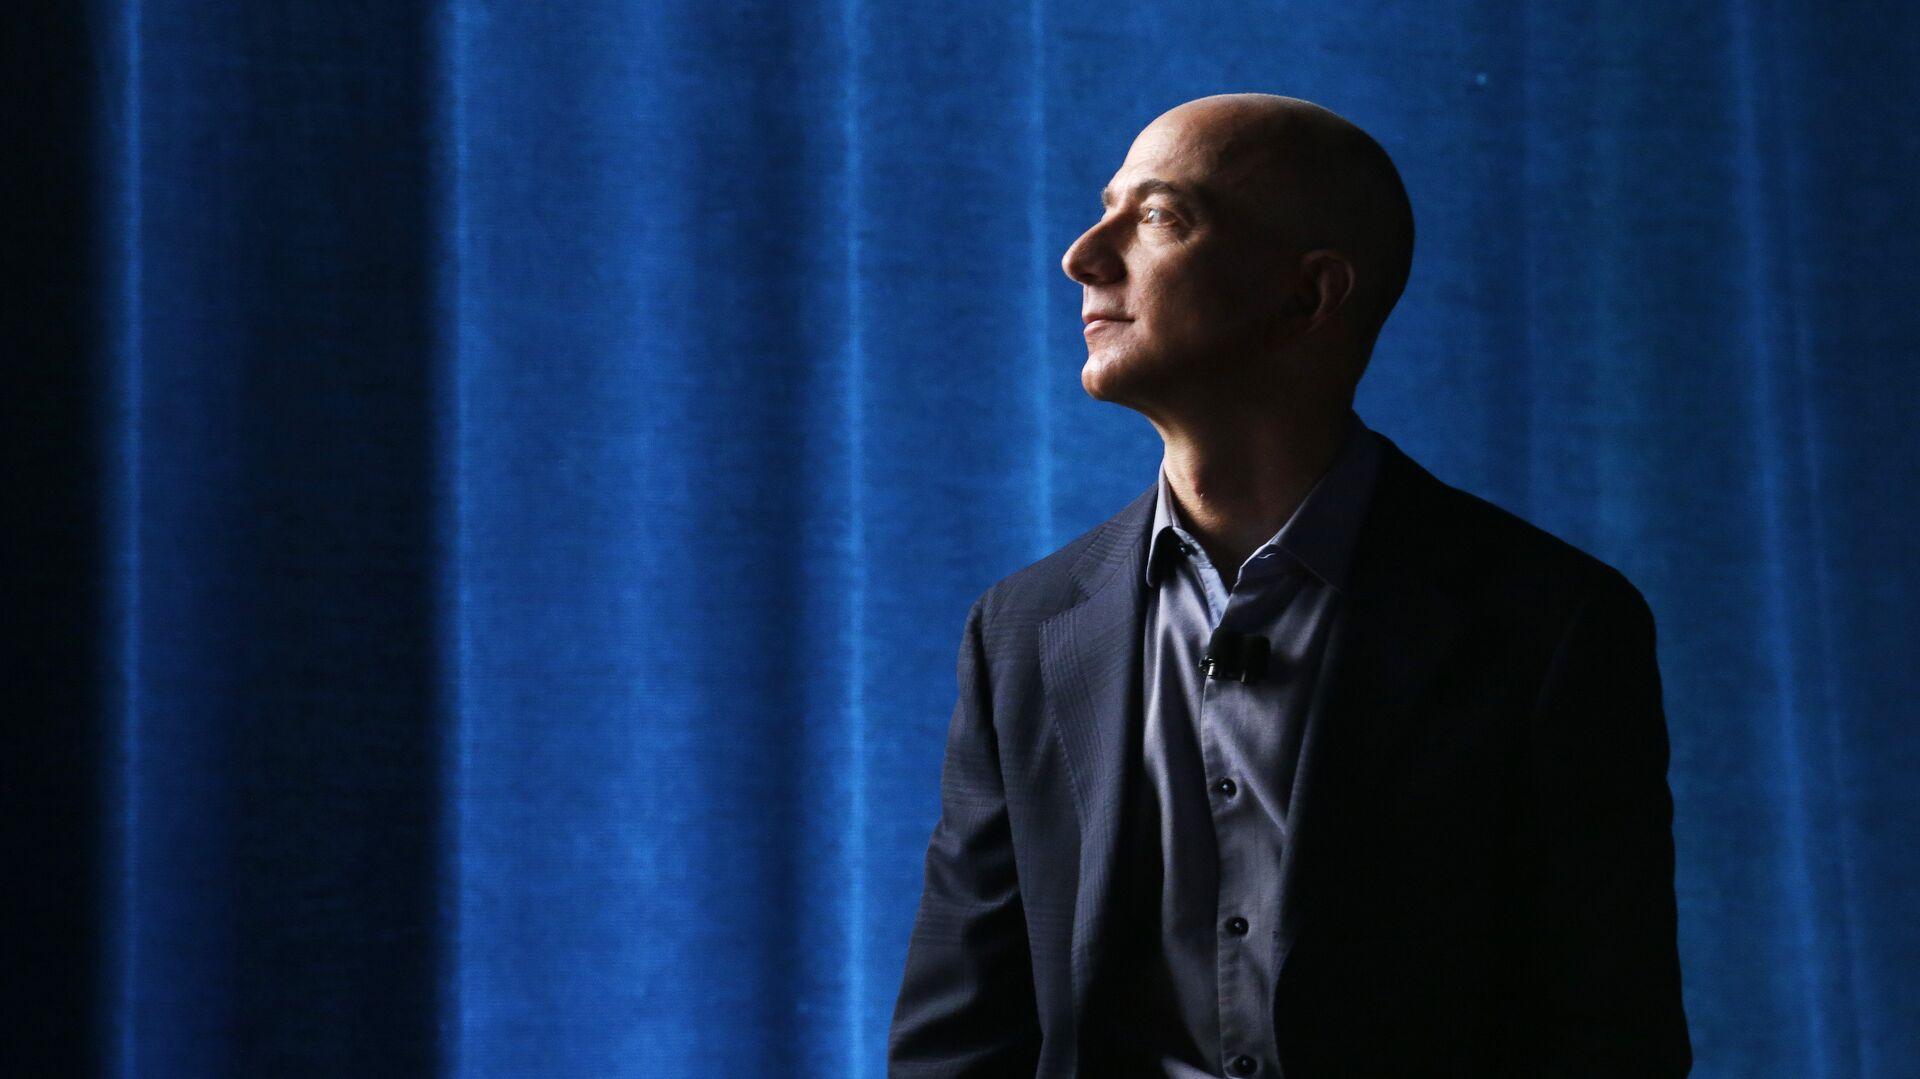 Jeff Bezos, propietario de Amazon  - Sputnik Mundo, 1920, 02.02.2021